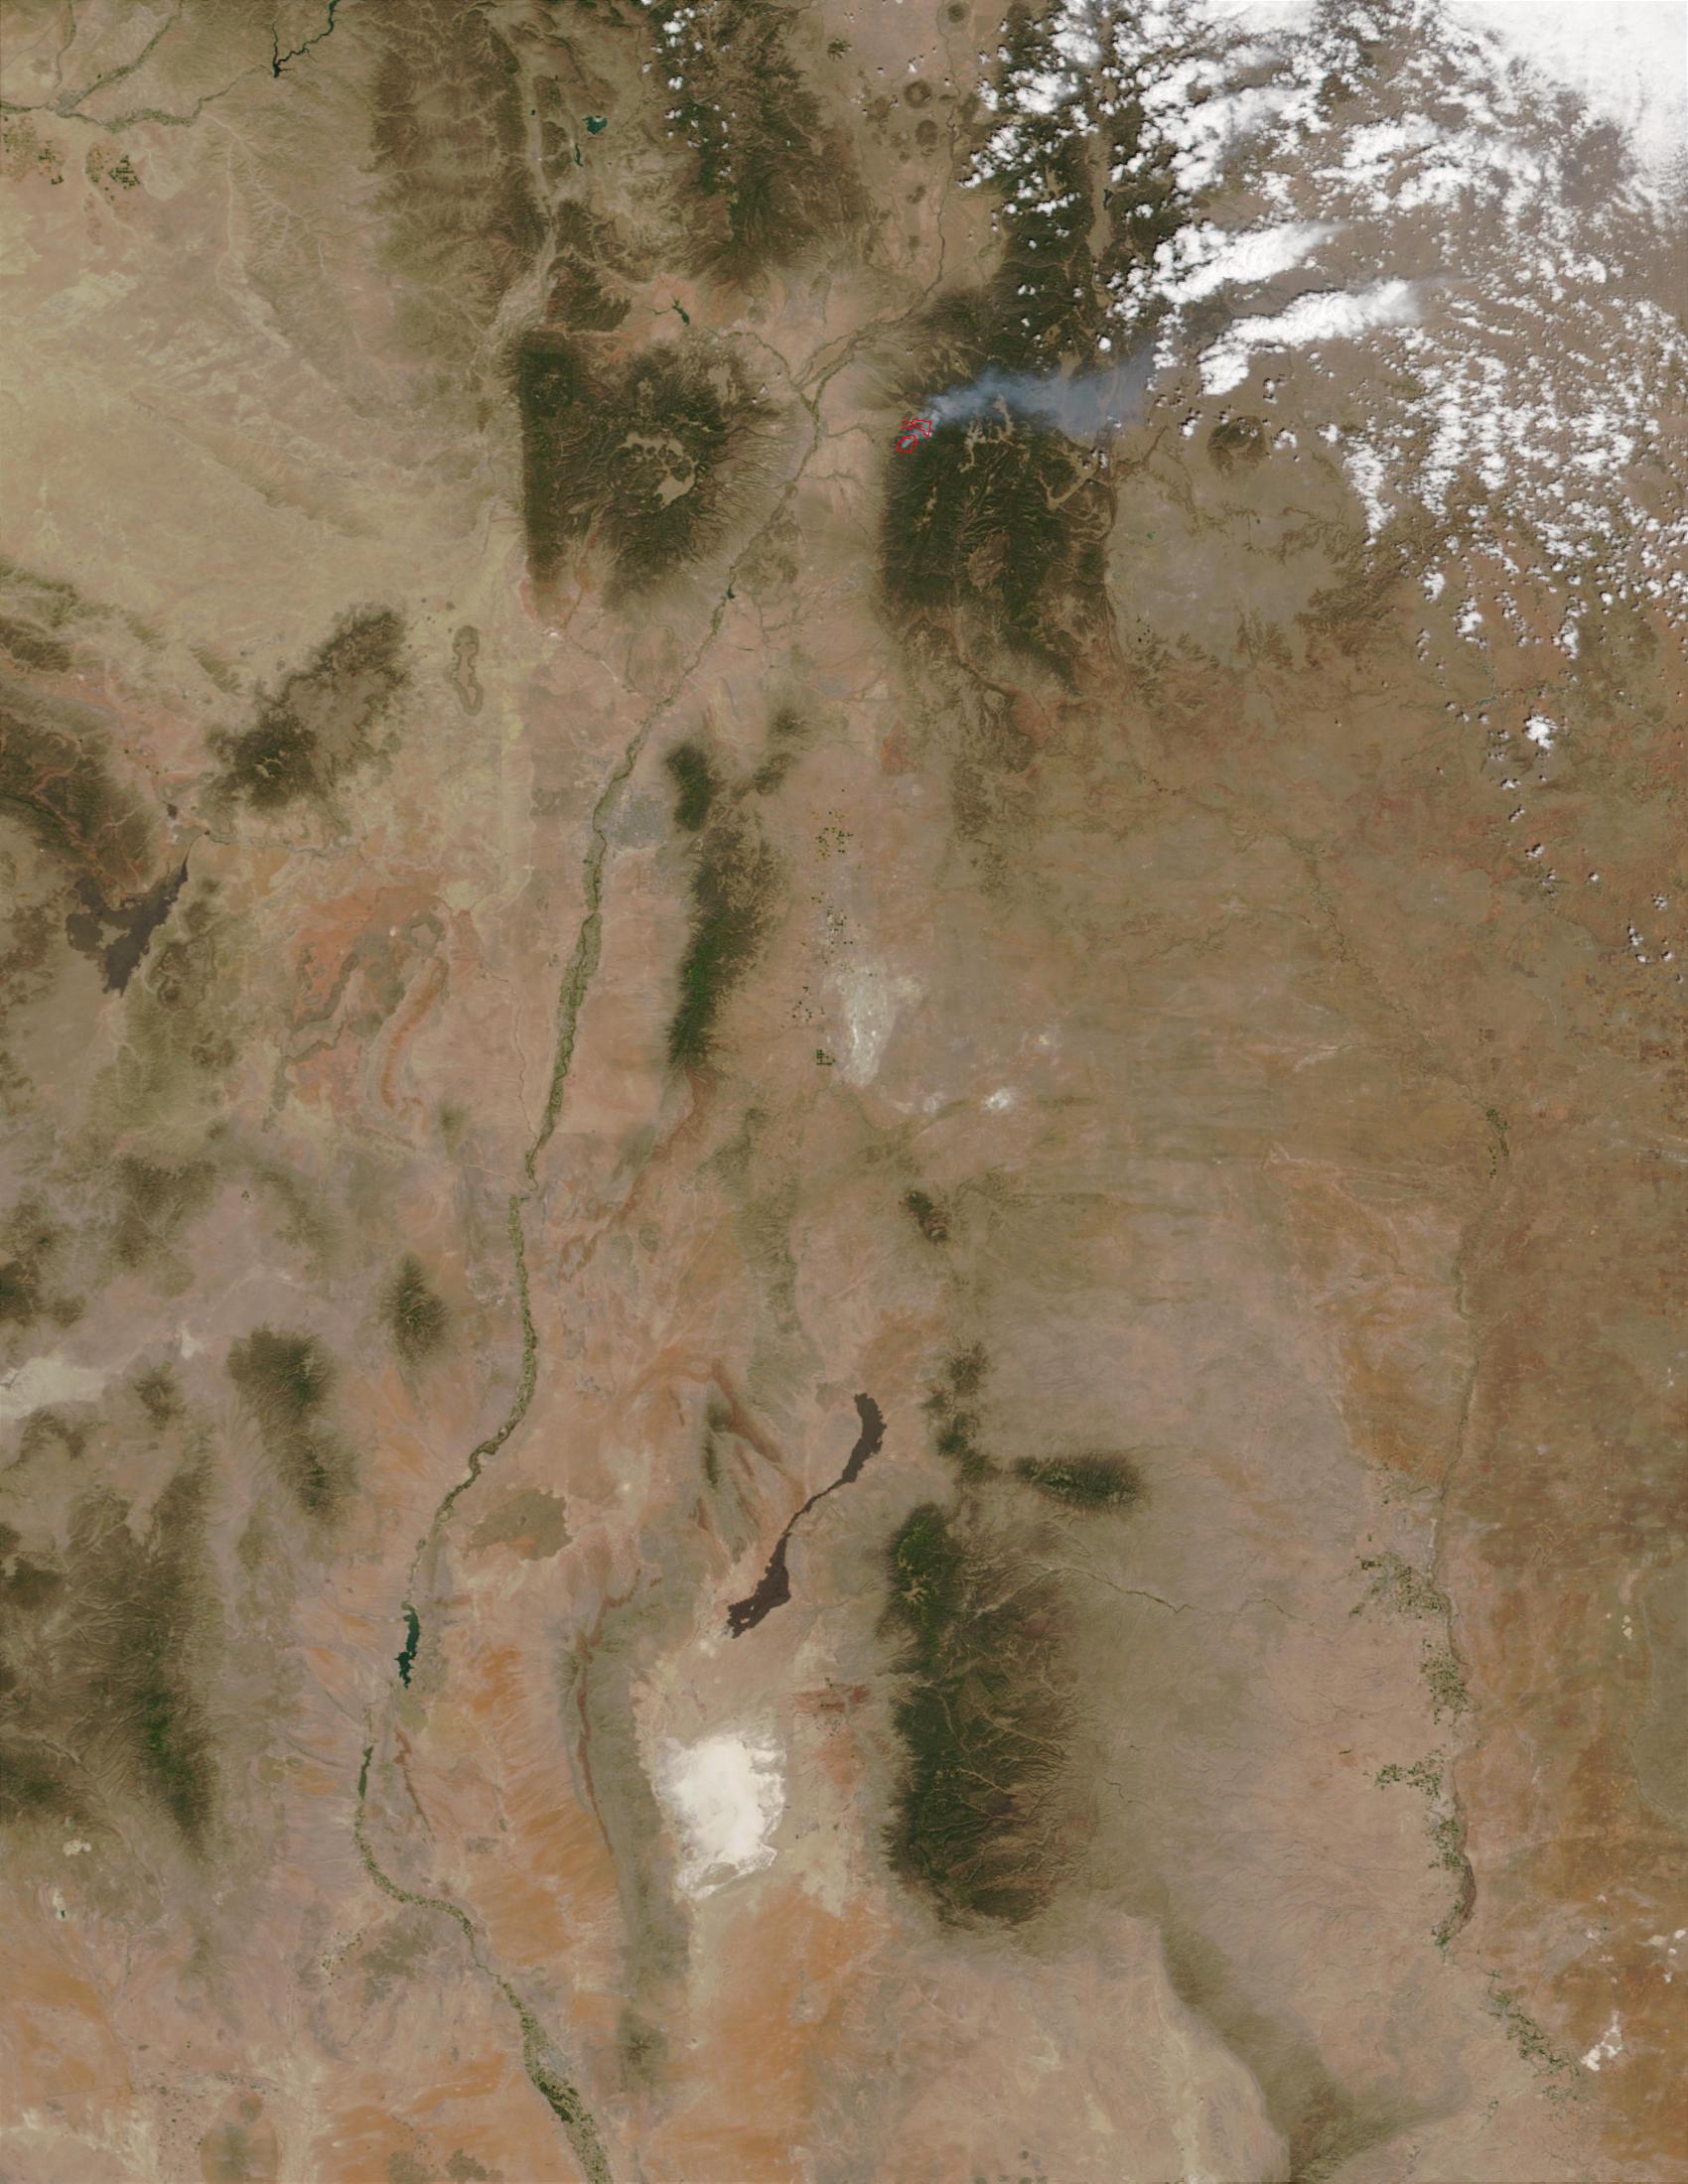 Borrego fire near Santa Fe, New Mexico